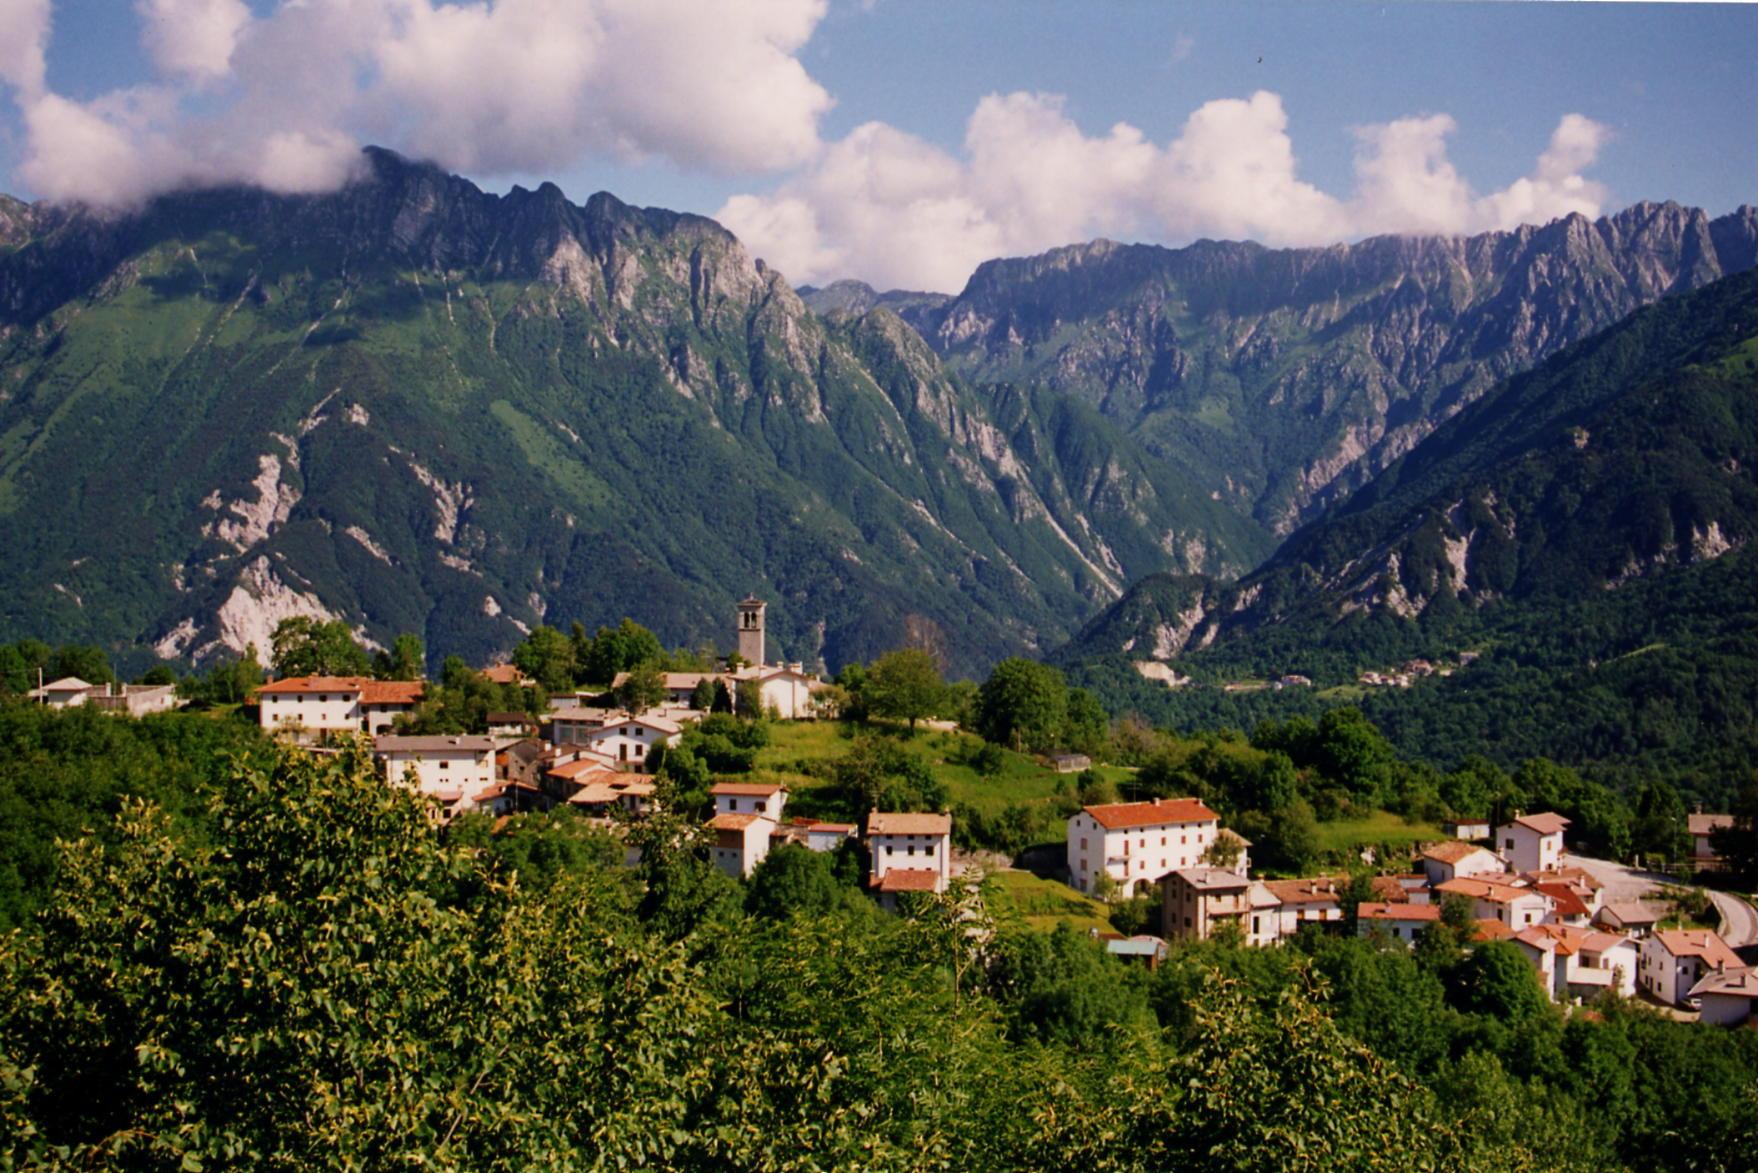 Villanova delle Grotte (Lusevera)